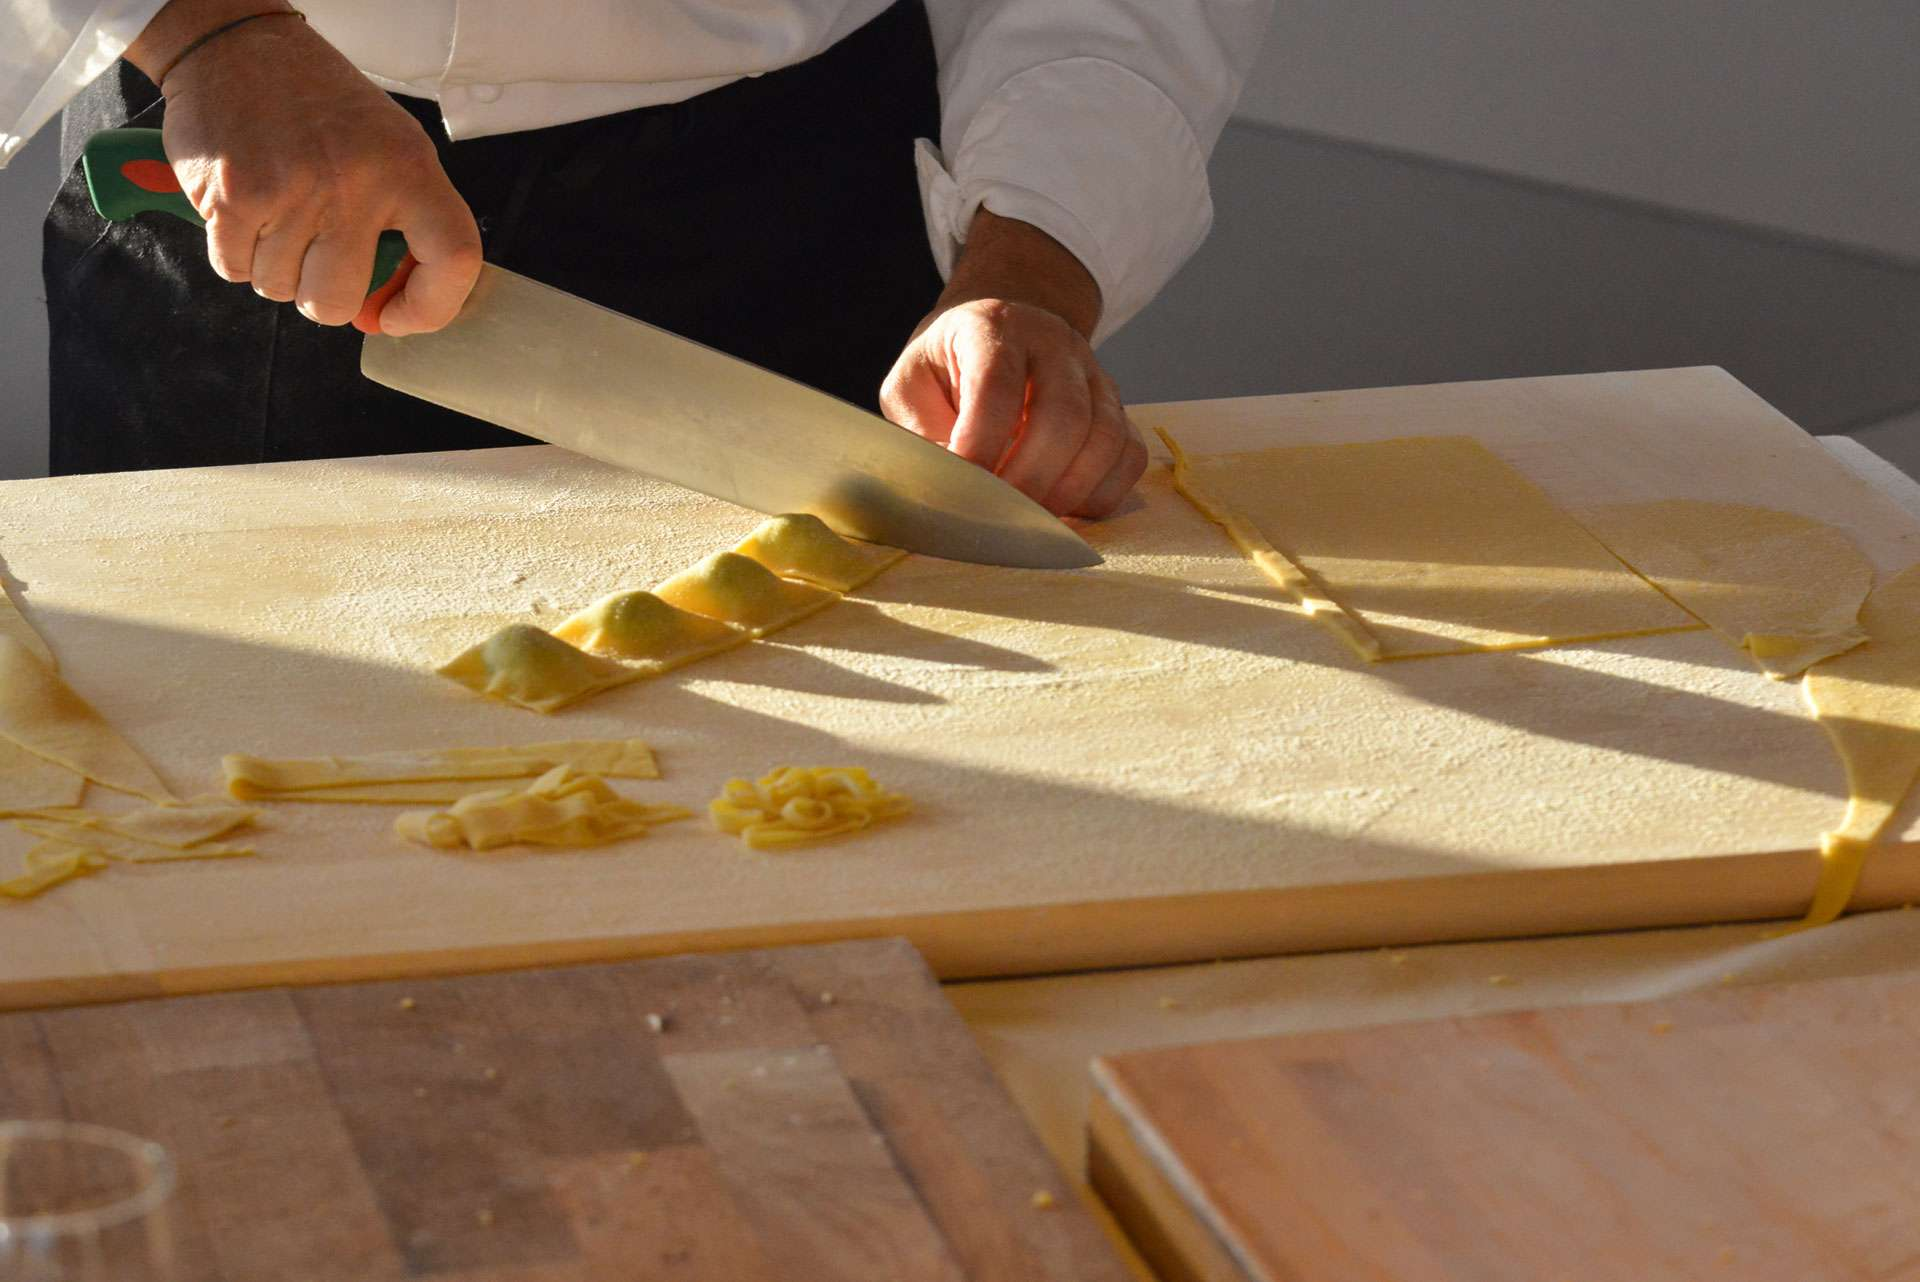 The Art of Homemade Pasta Making